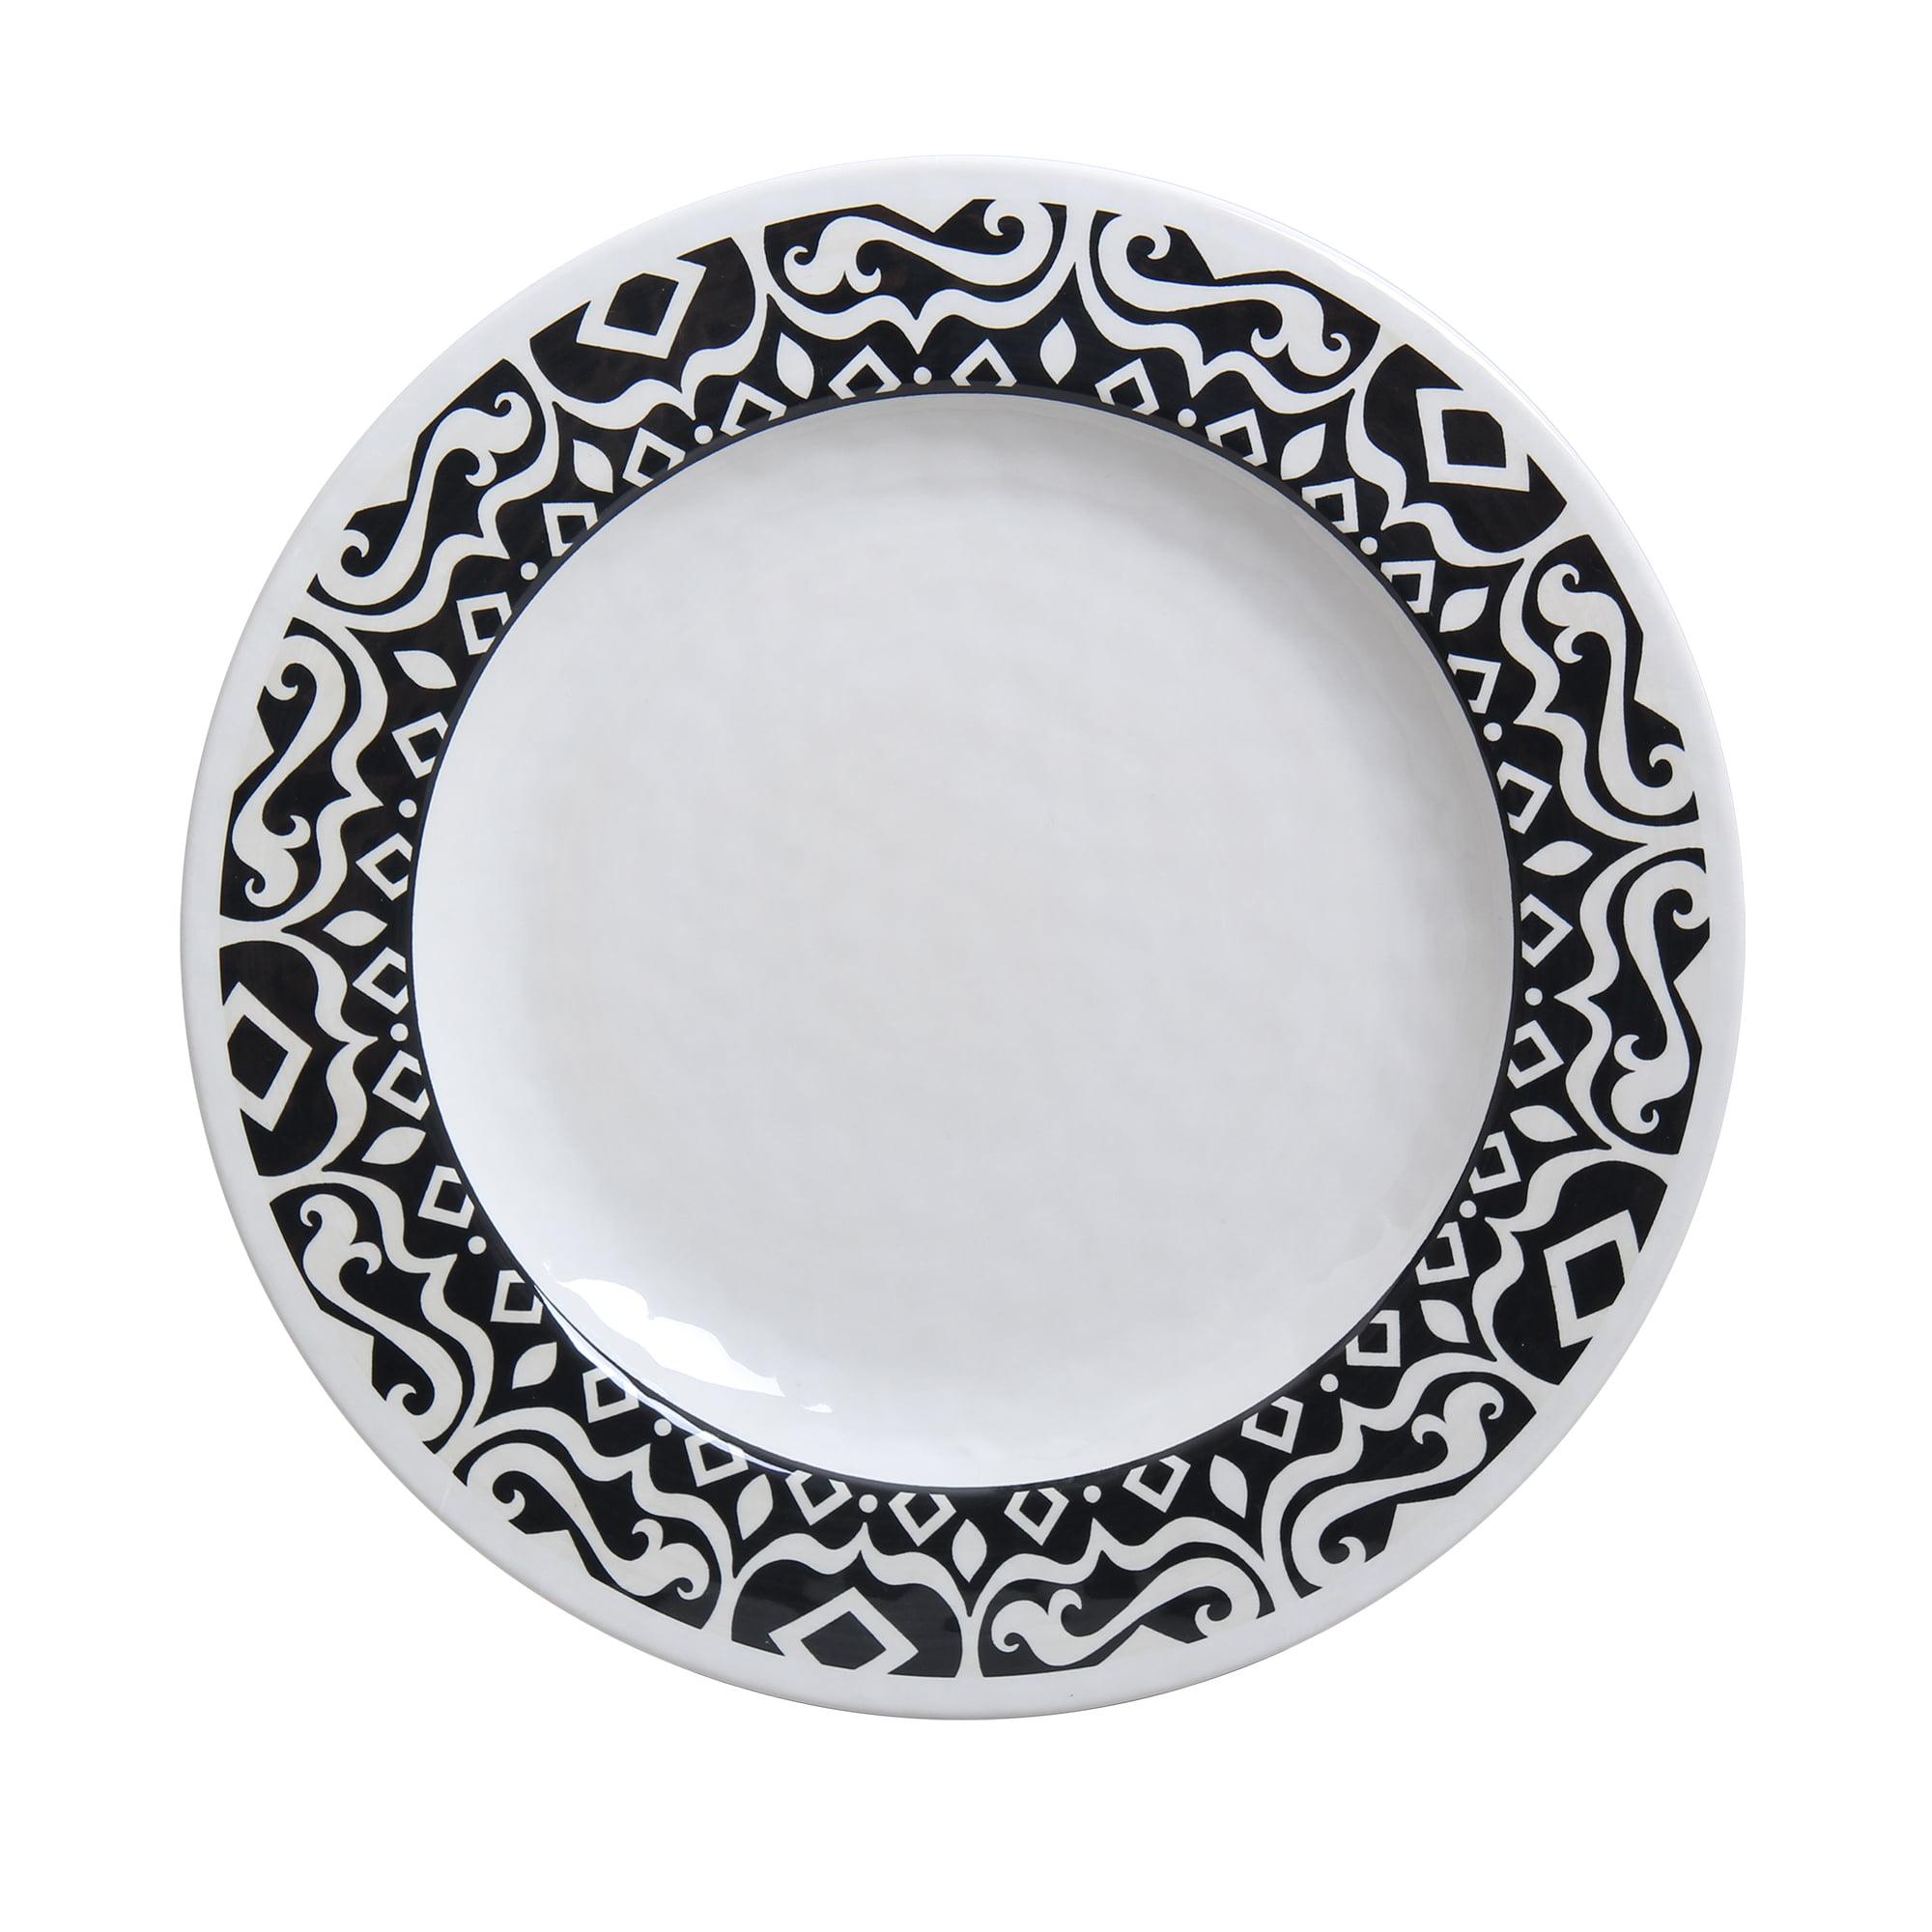 Better Homes & Gardens Tuscan Melamine Dinner Plate, 4-Pack